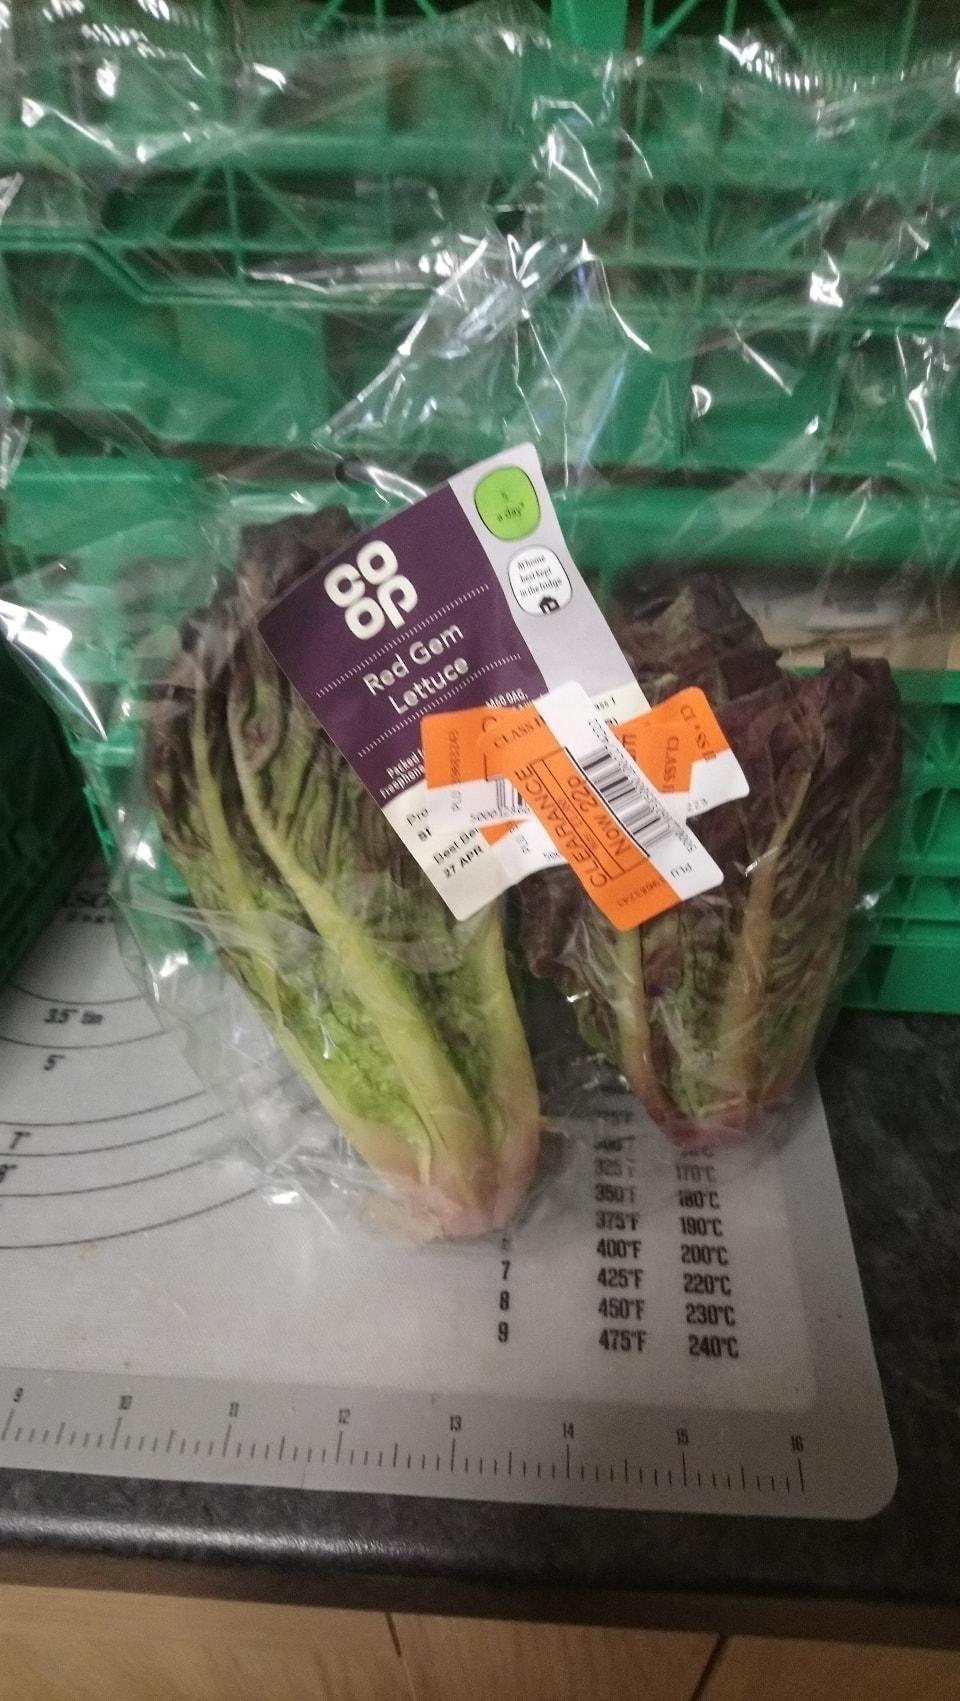 Red gem lettuce